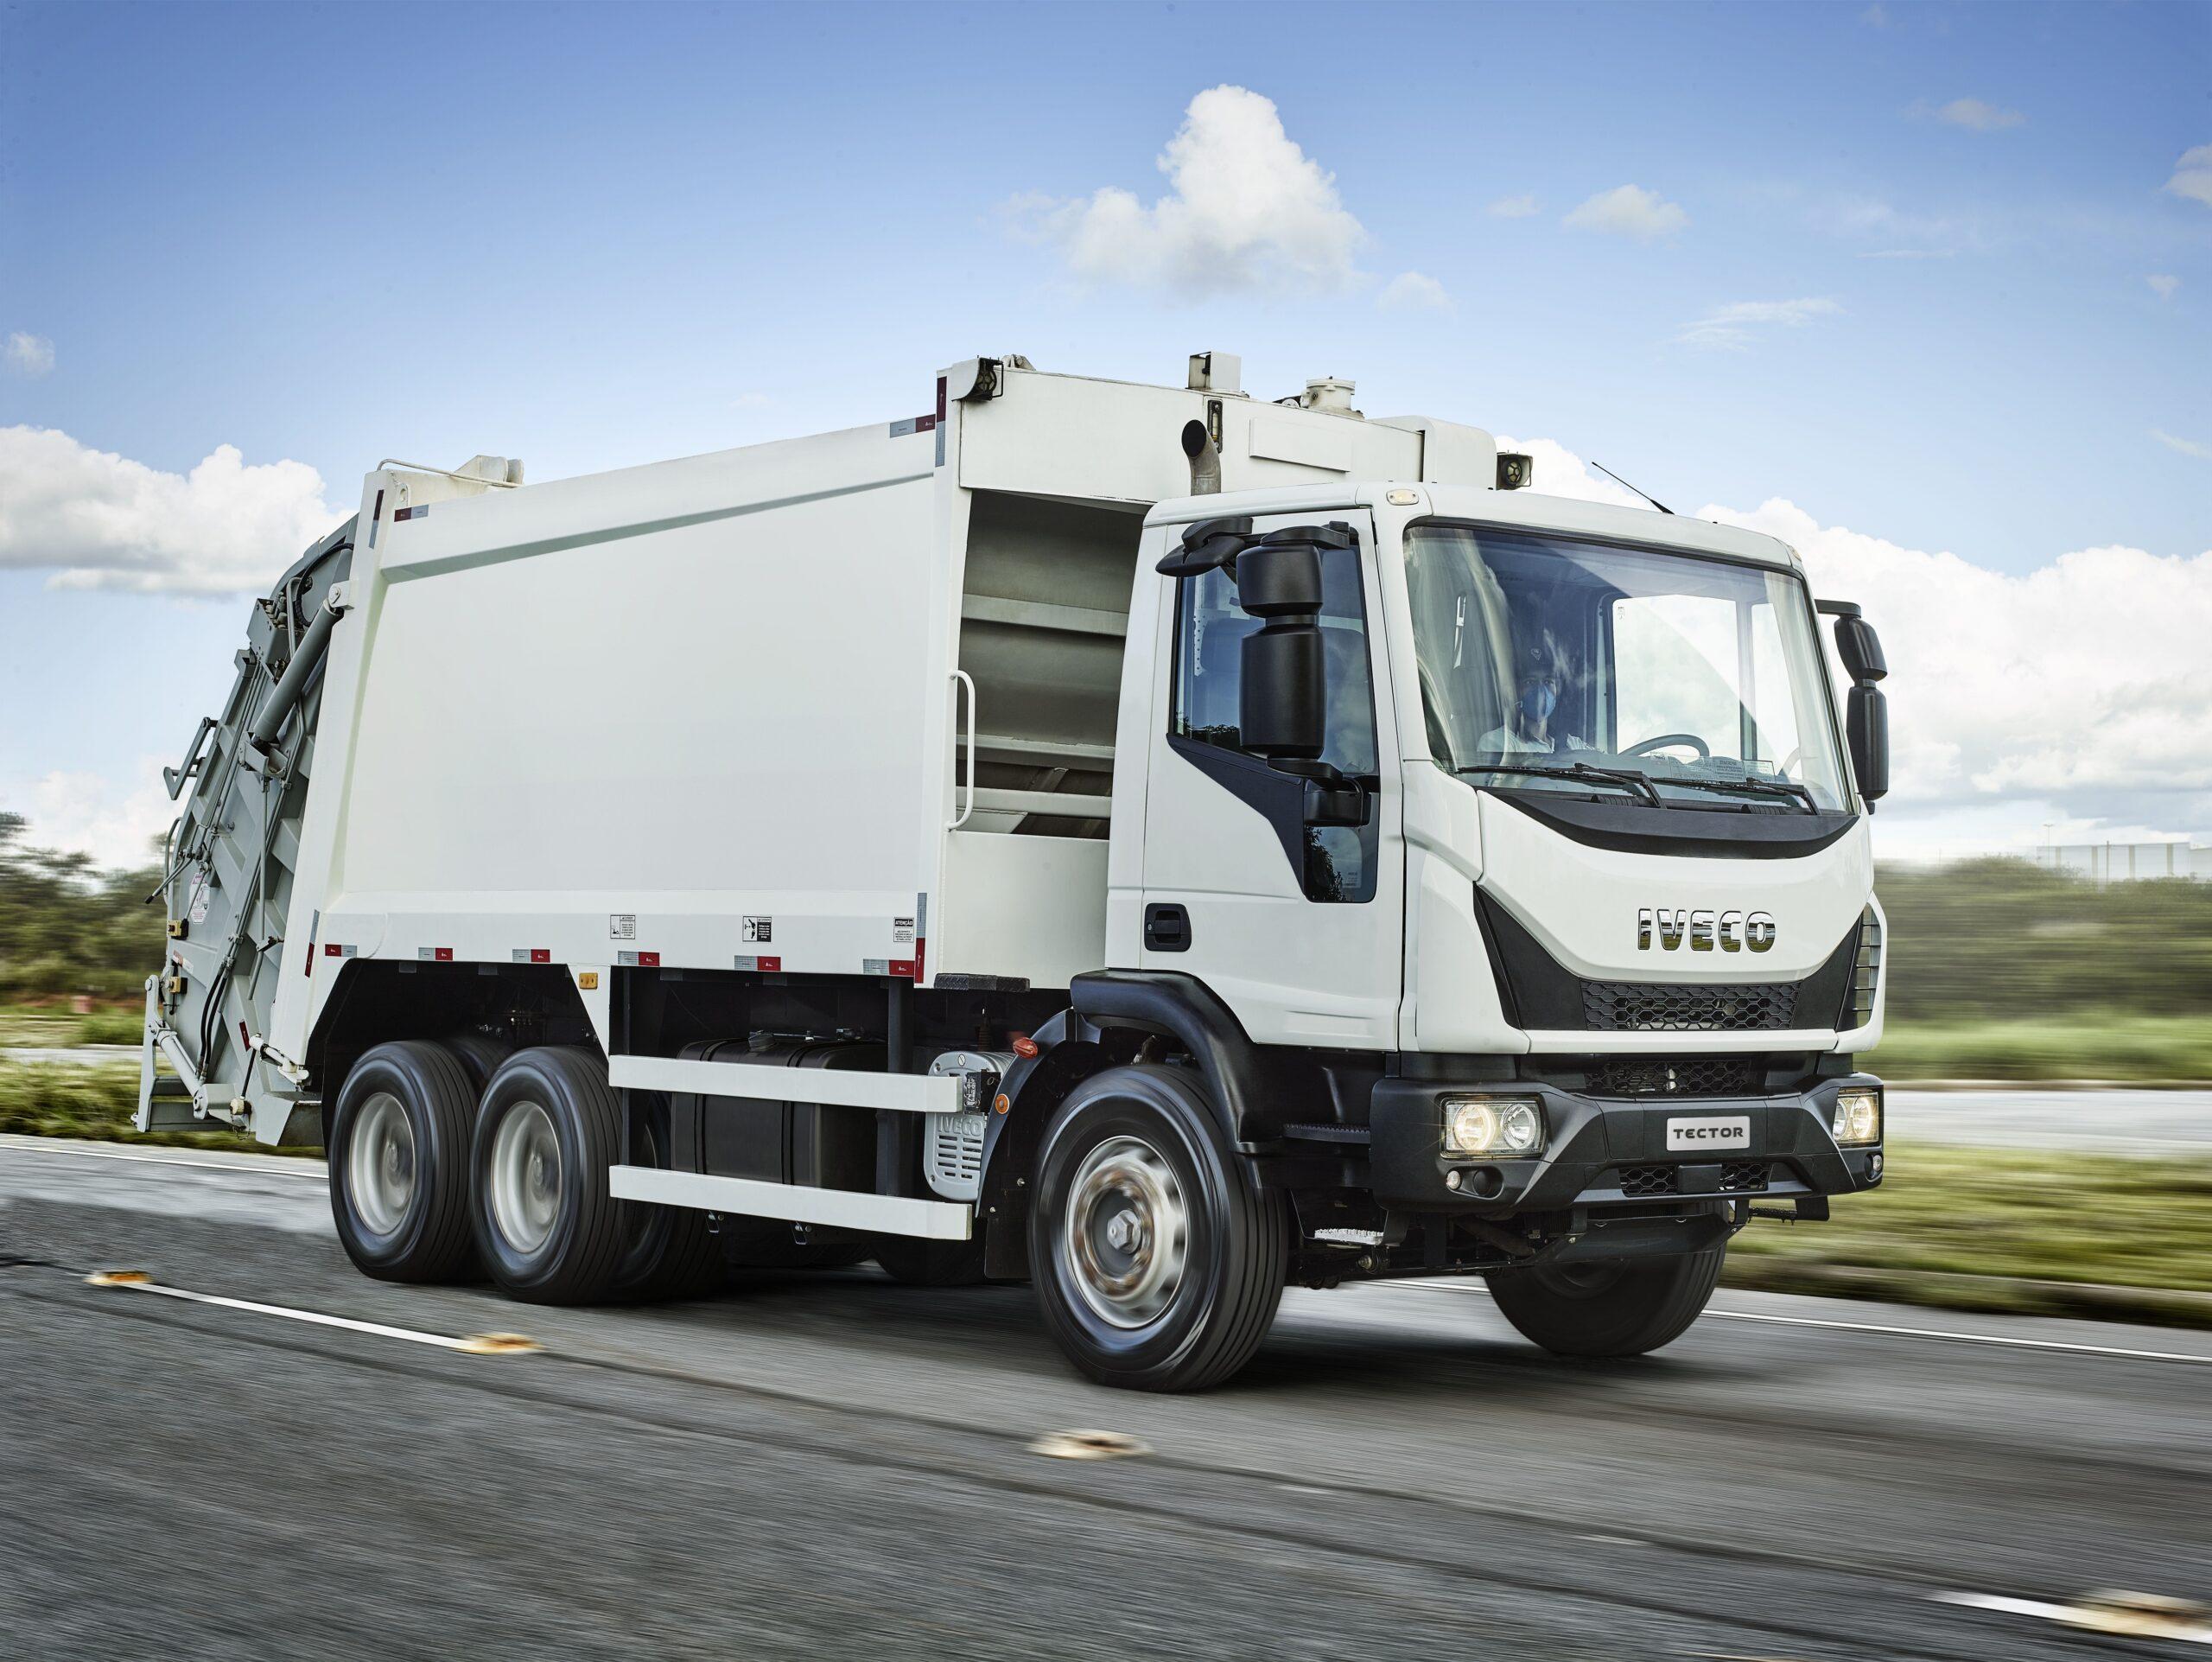 IVECO entra de vez no nicho de coleta de resíduos e lança o Tector Auto-Shift Coletor